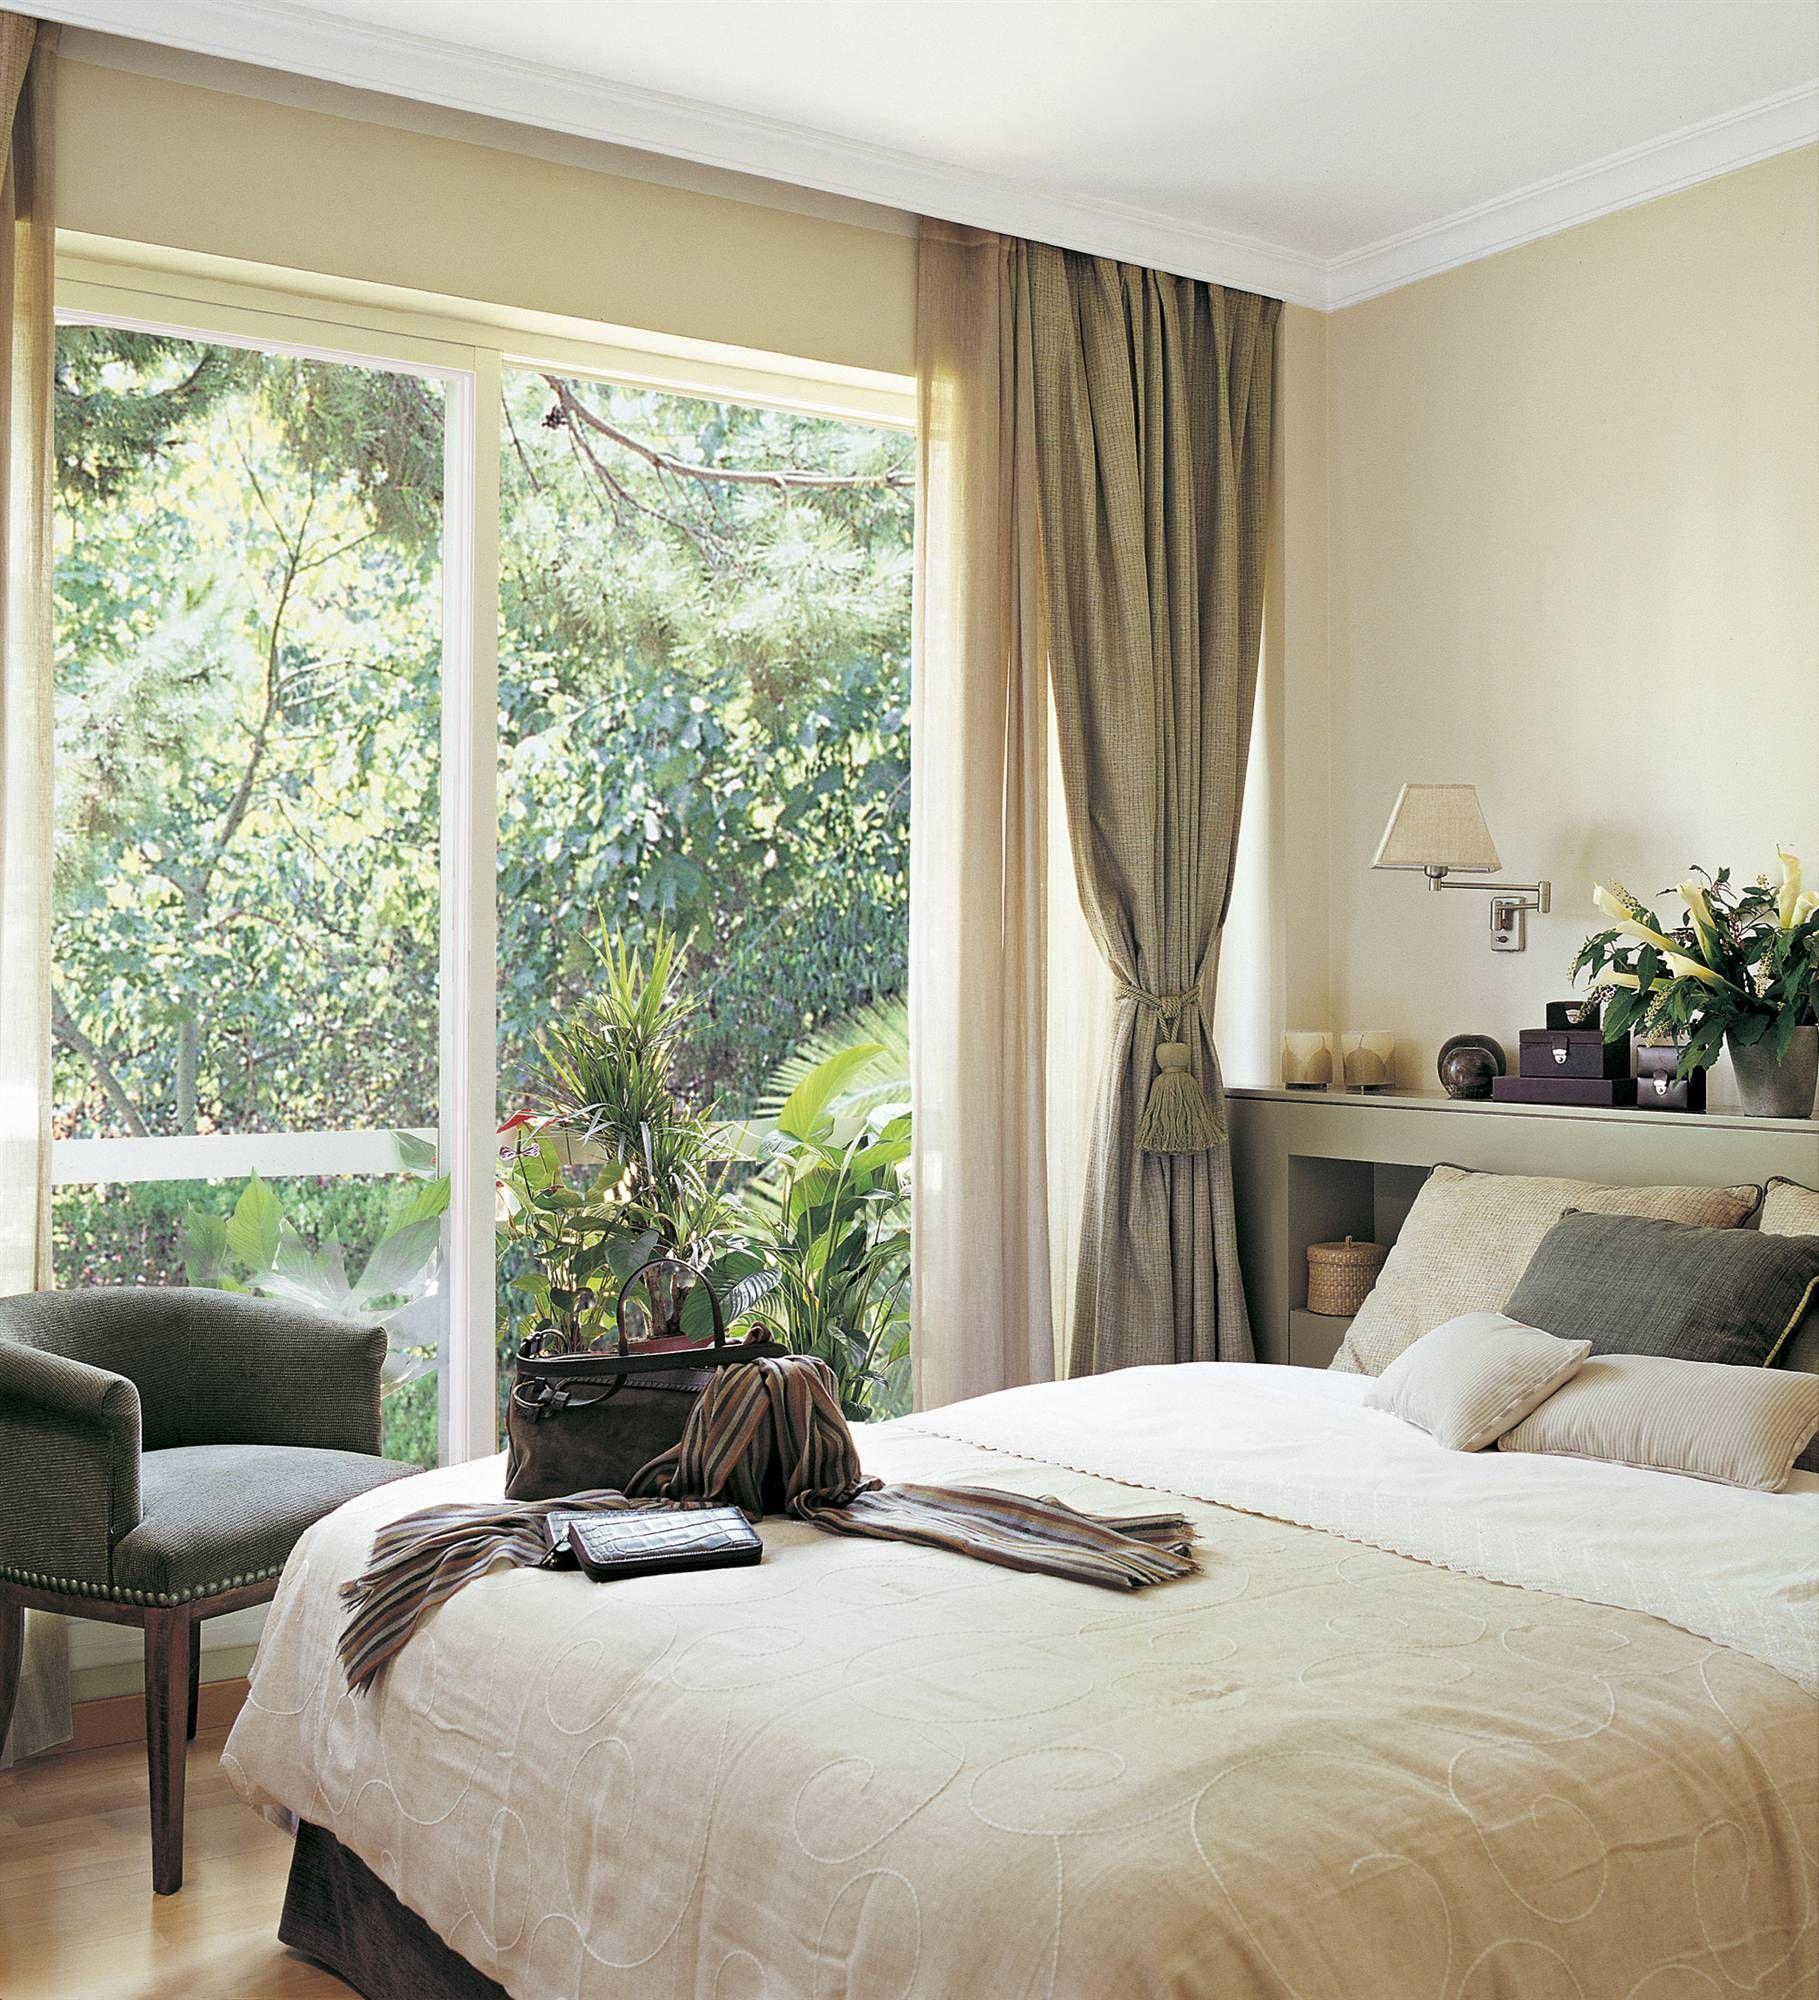 La forma de la ventana ba os dormitorio con ventanales - Formas de cortinas ...